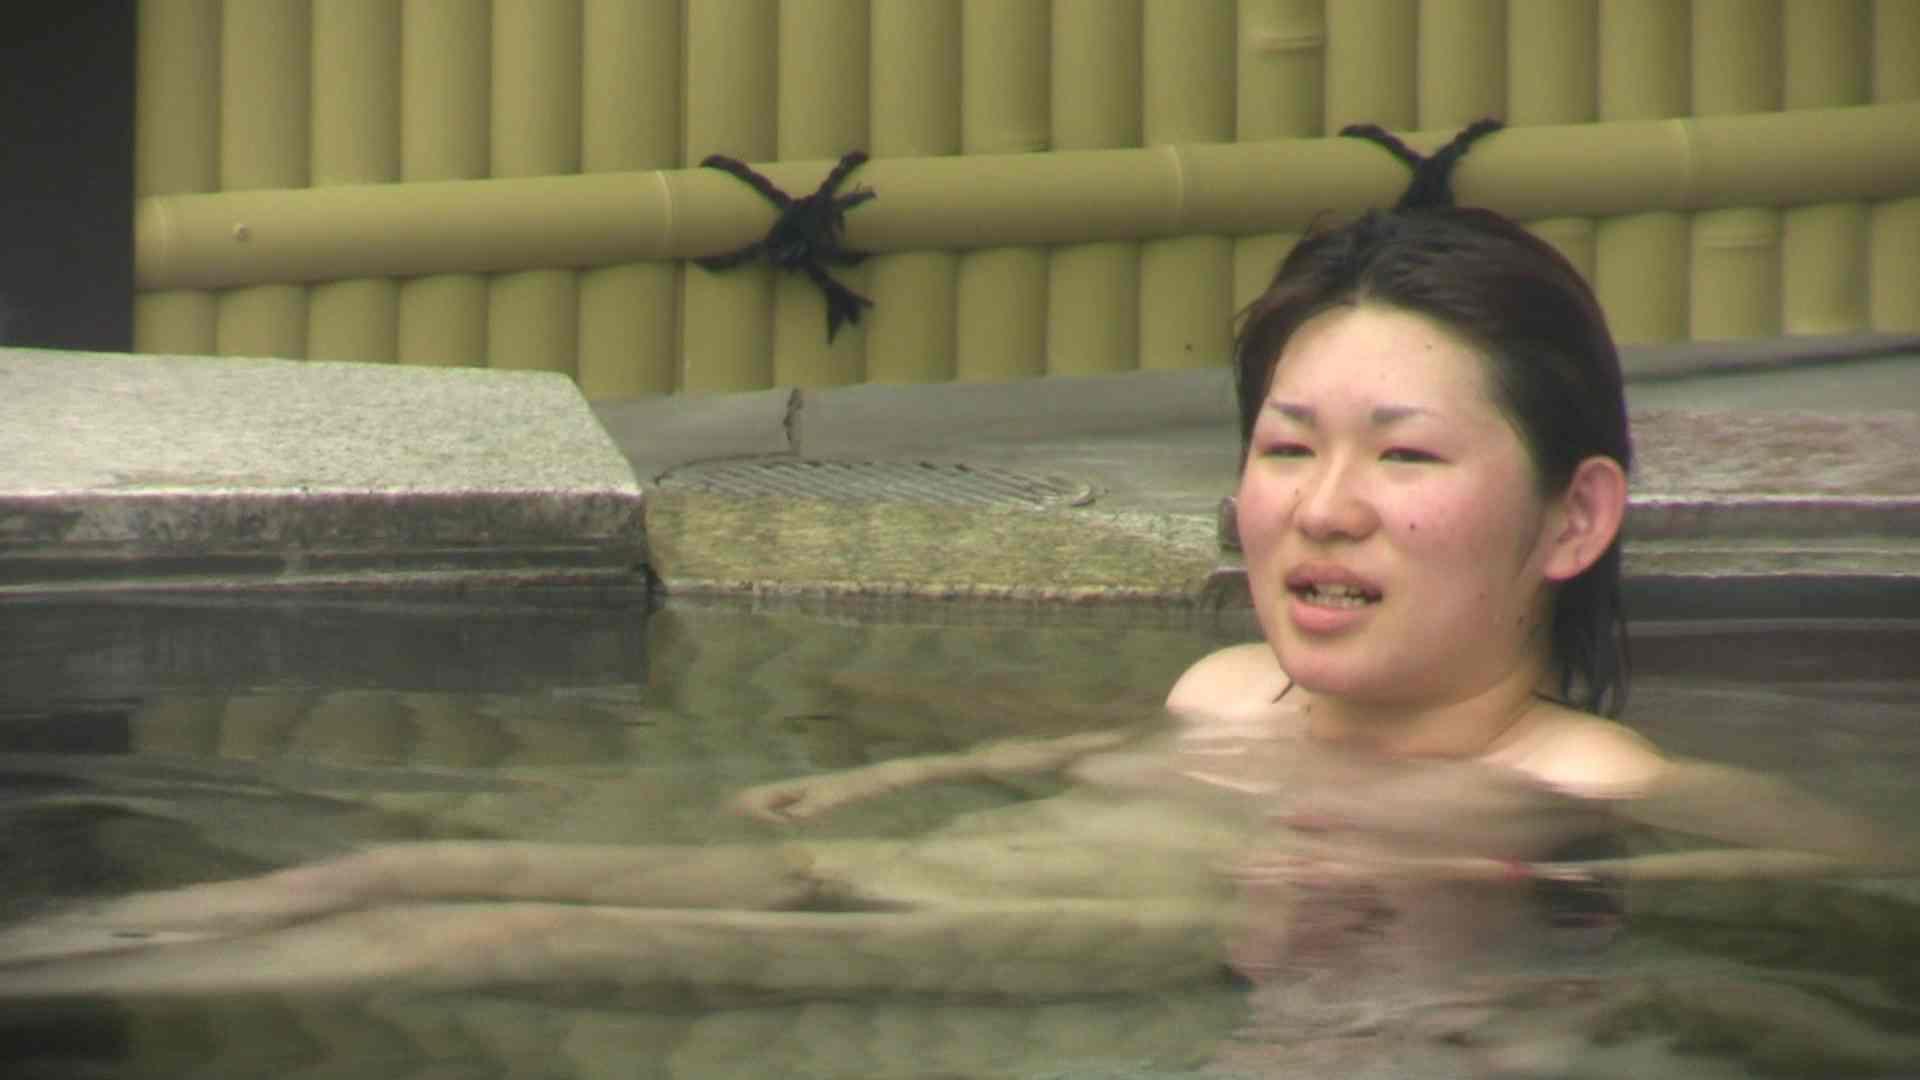 Aquaな露天風呂Vol.673 OLエロ画像  104PICs 78